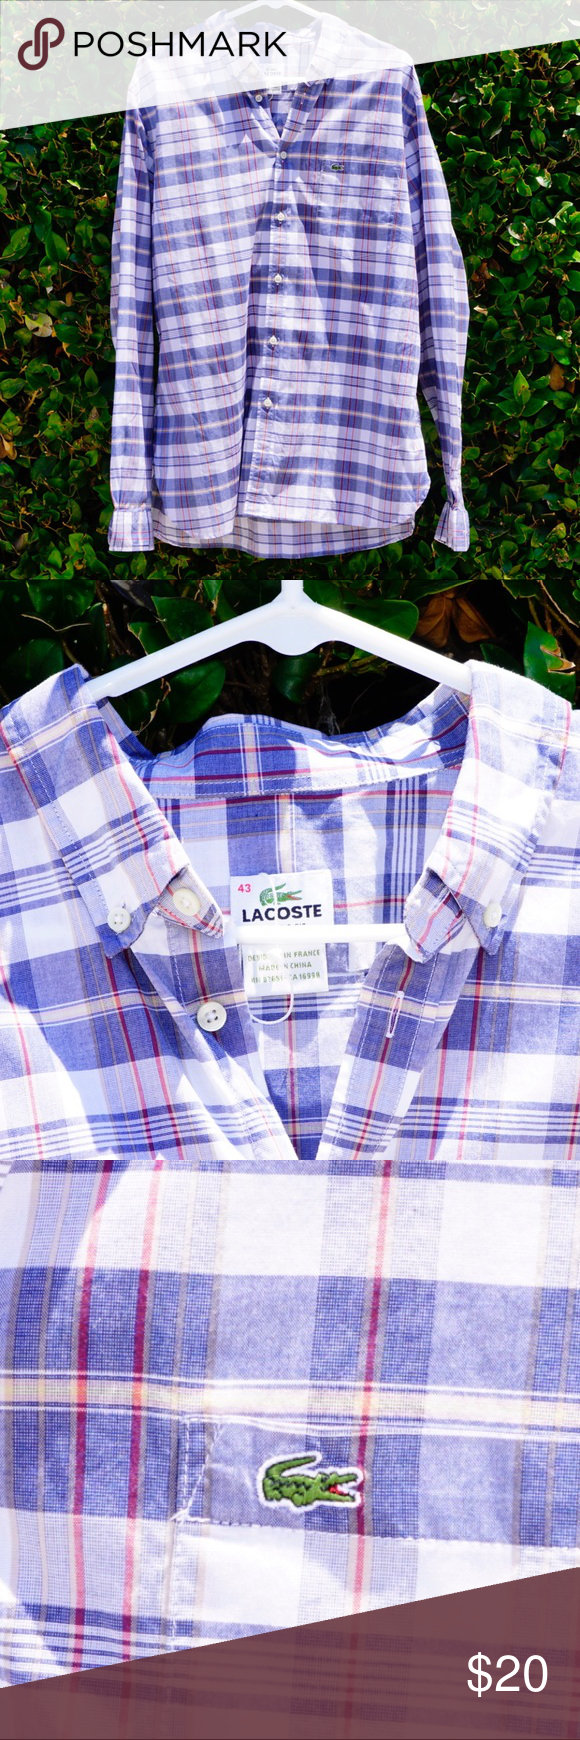 Green checkered dress shirt  Lacoste long sleeve blue checkers  Lacoste Dress shirts and